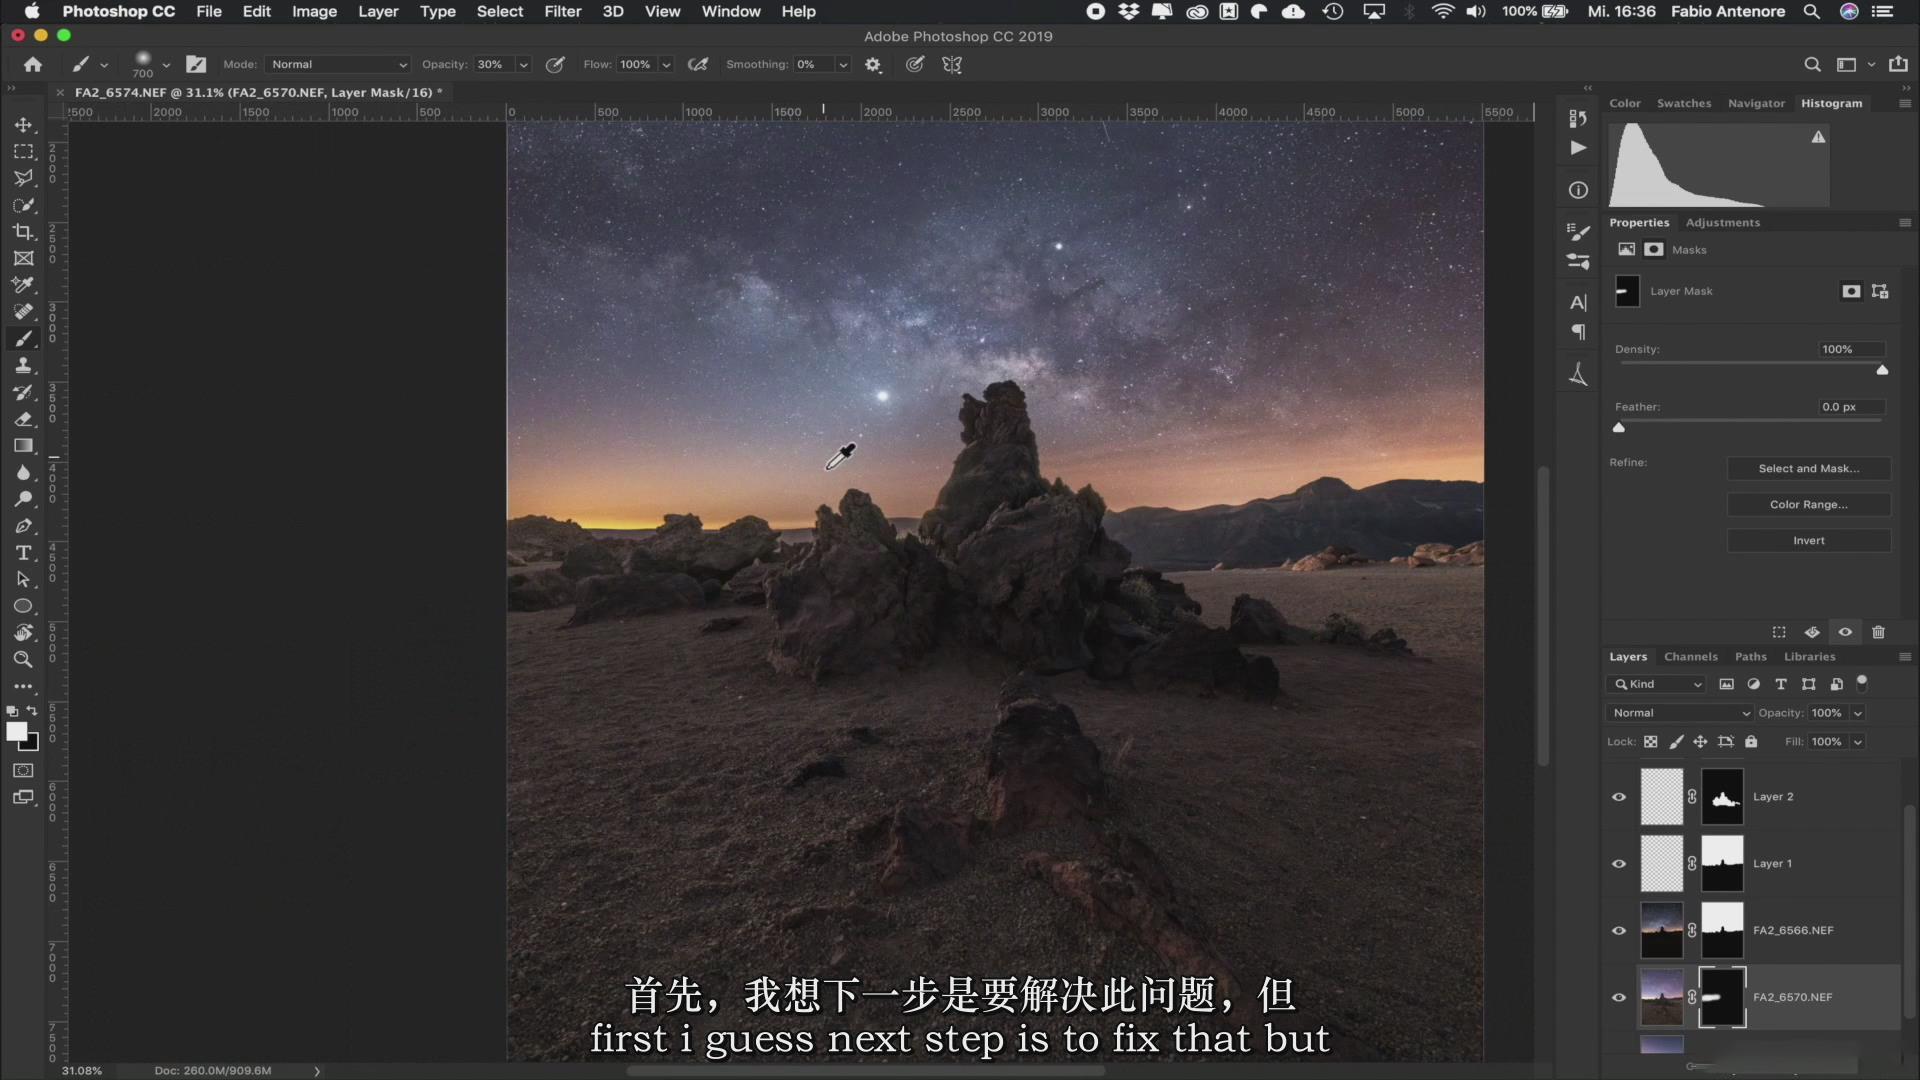 摄影教程_Fabio Antenore-超级真实银河系夜景风光摄影及后期附扩展素材-中英字幕 摄影教程 _预览图22